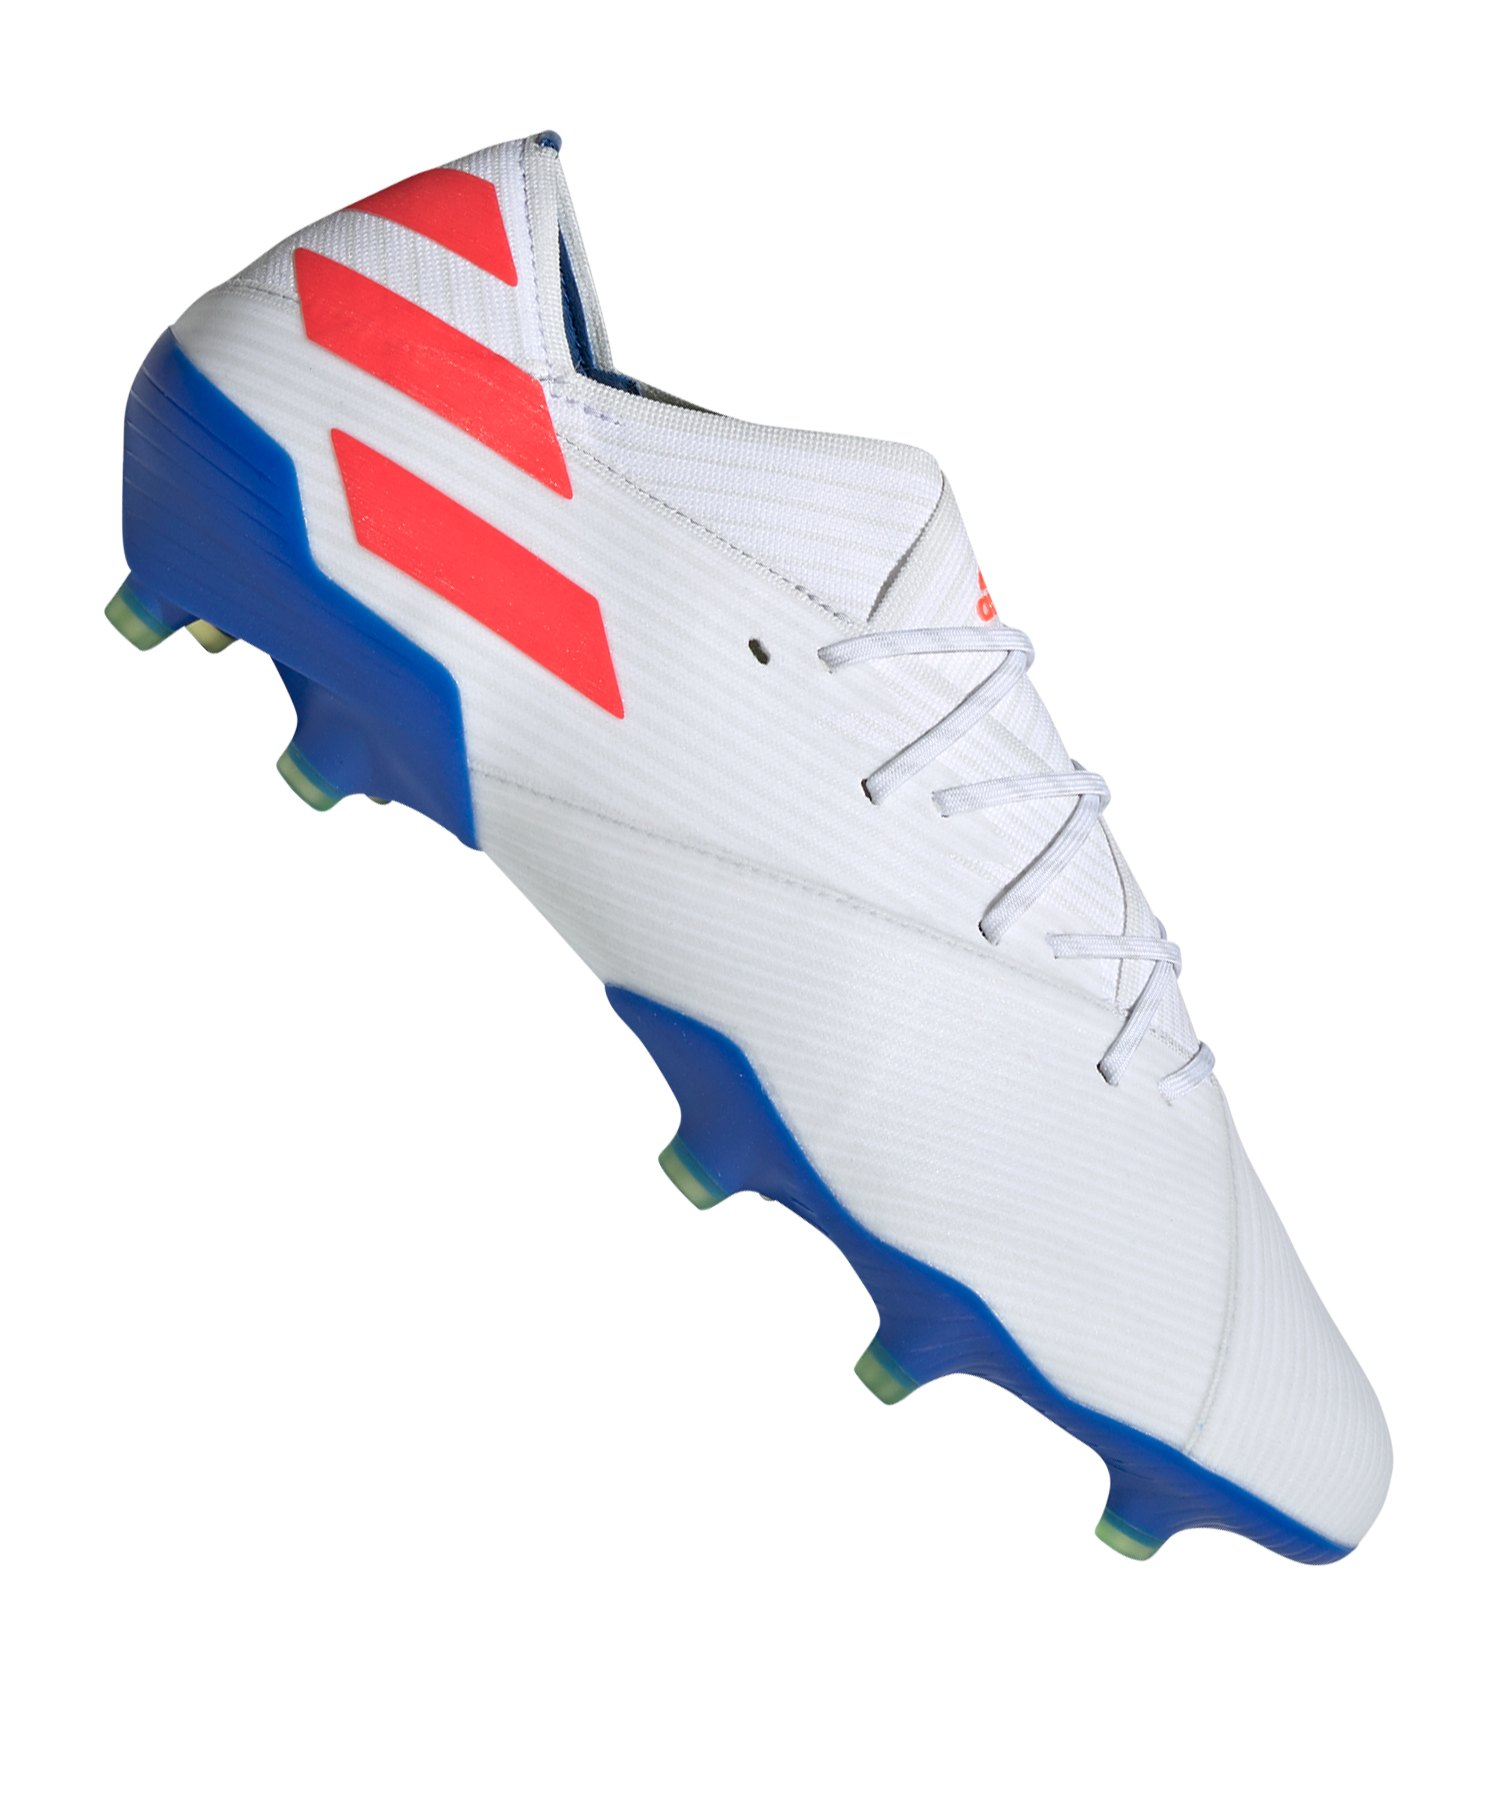 adidas NEMEZIZ Messi 19.1 FG Weiss Blau - Weiss